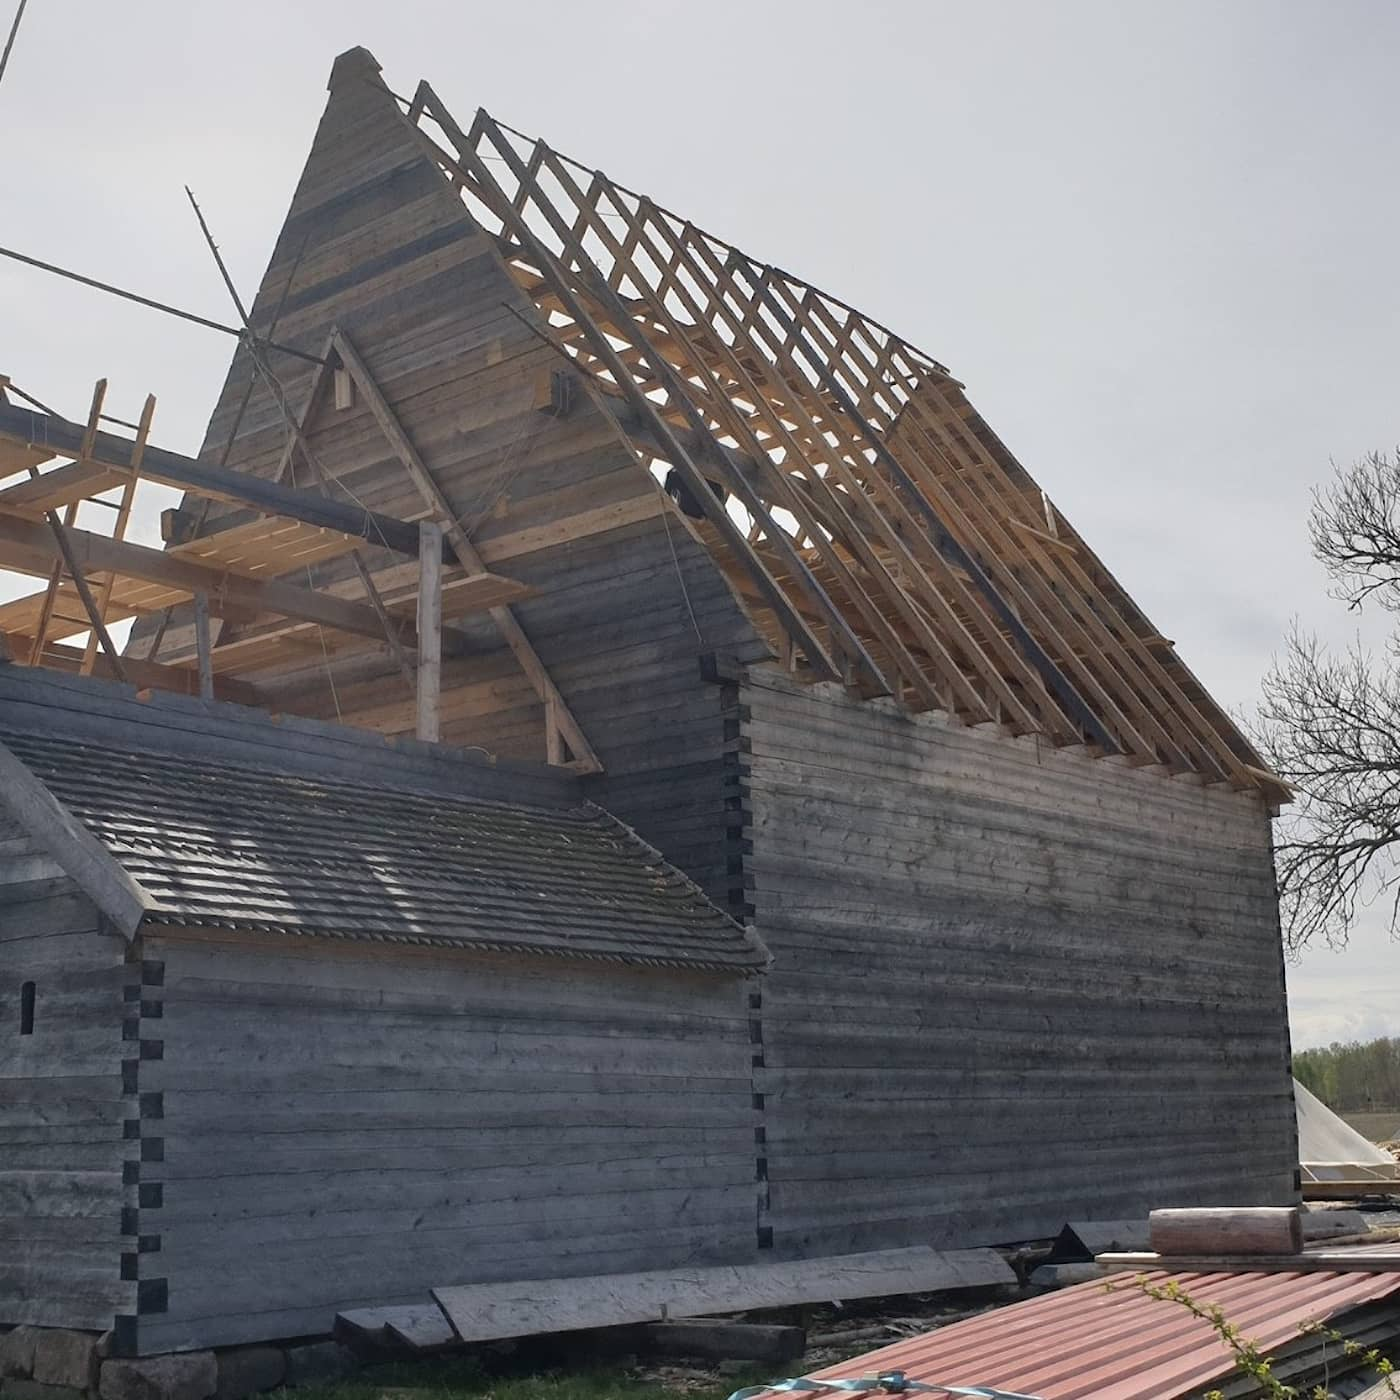 Nedbrunna medeltidskyrkan återuppstår